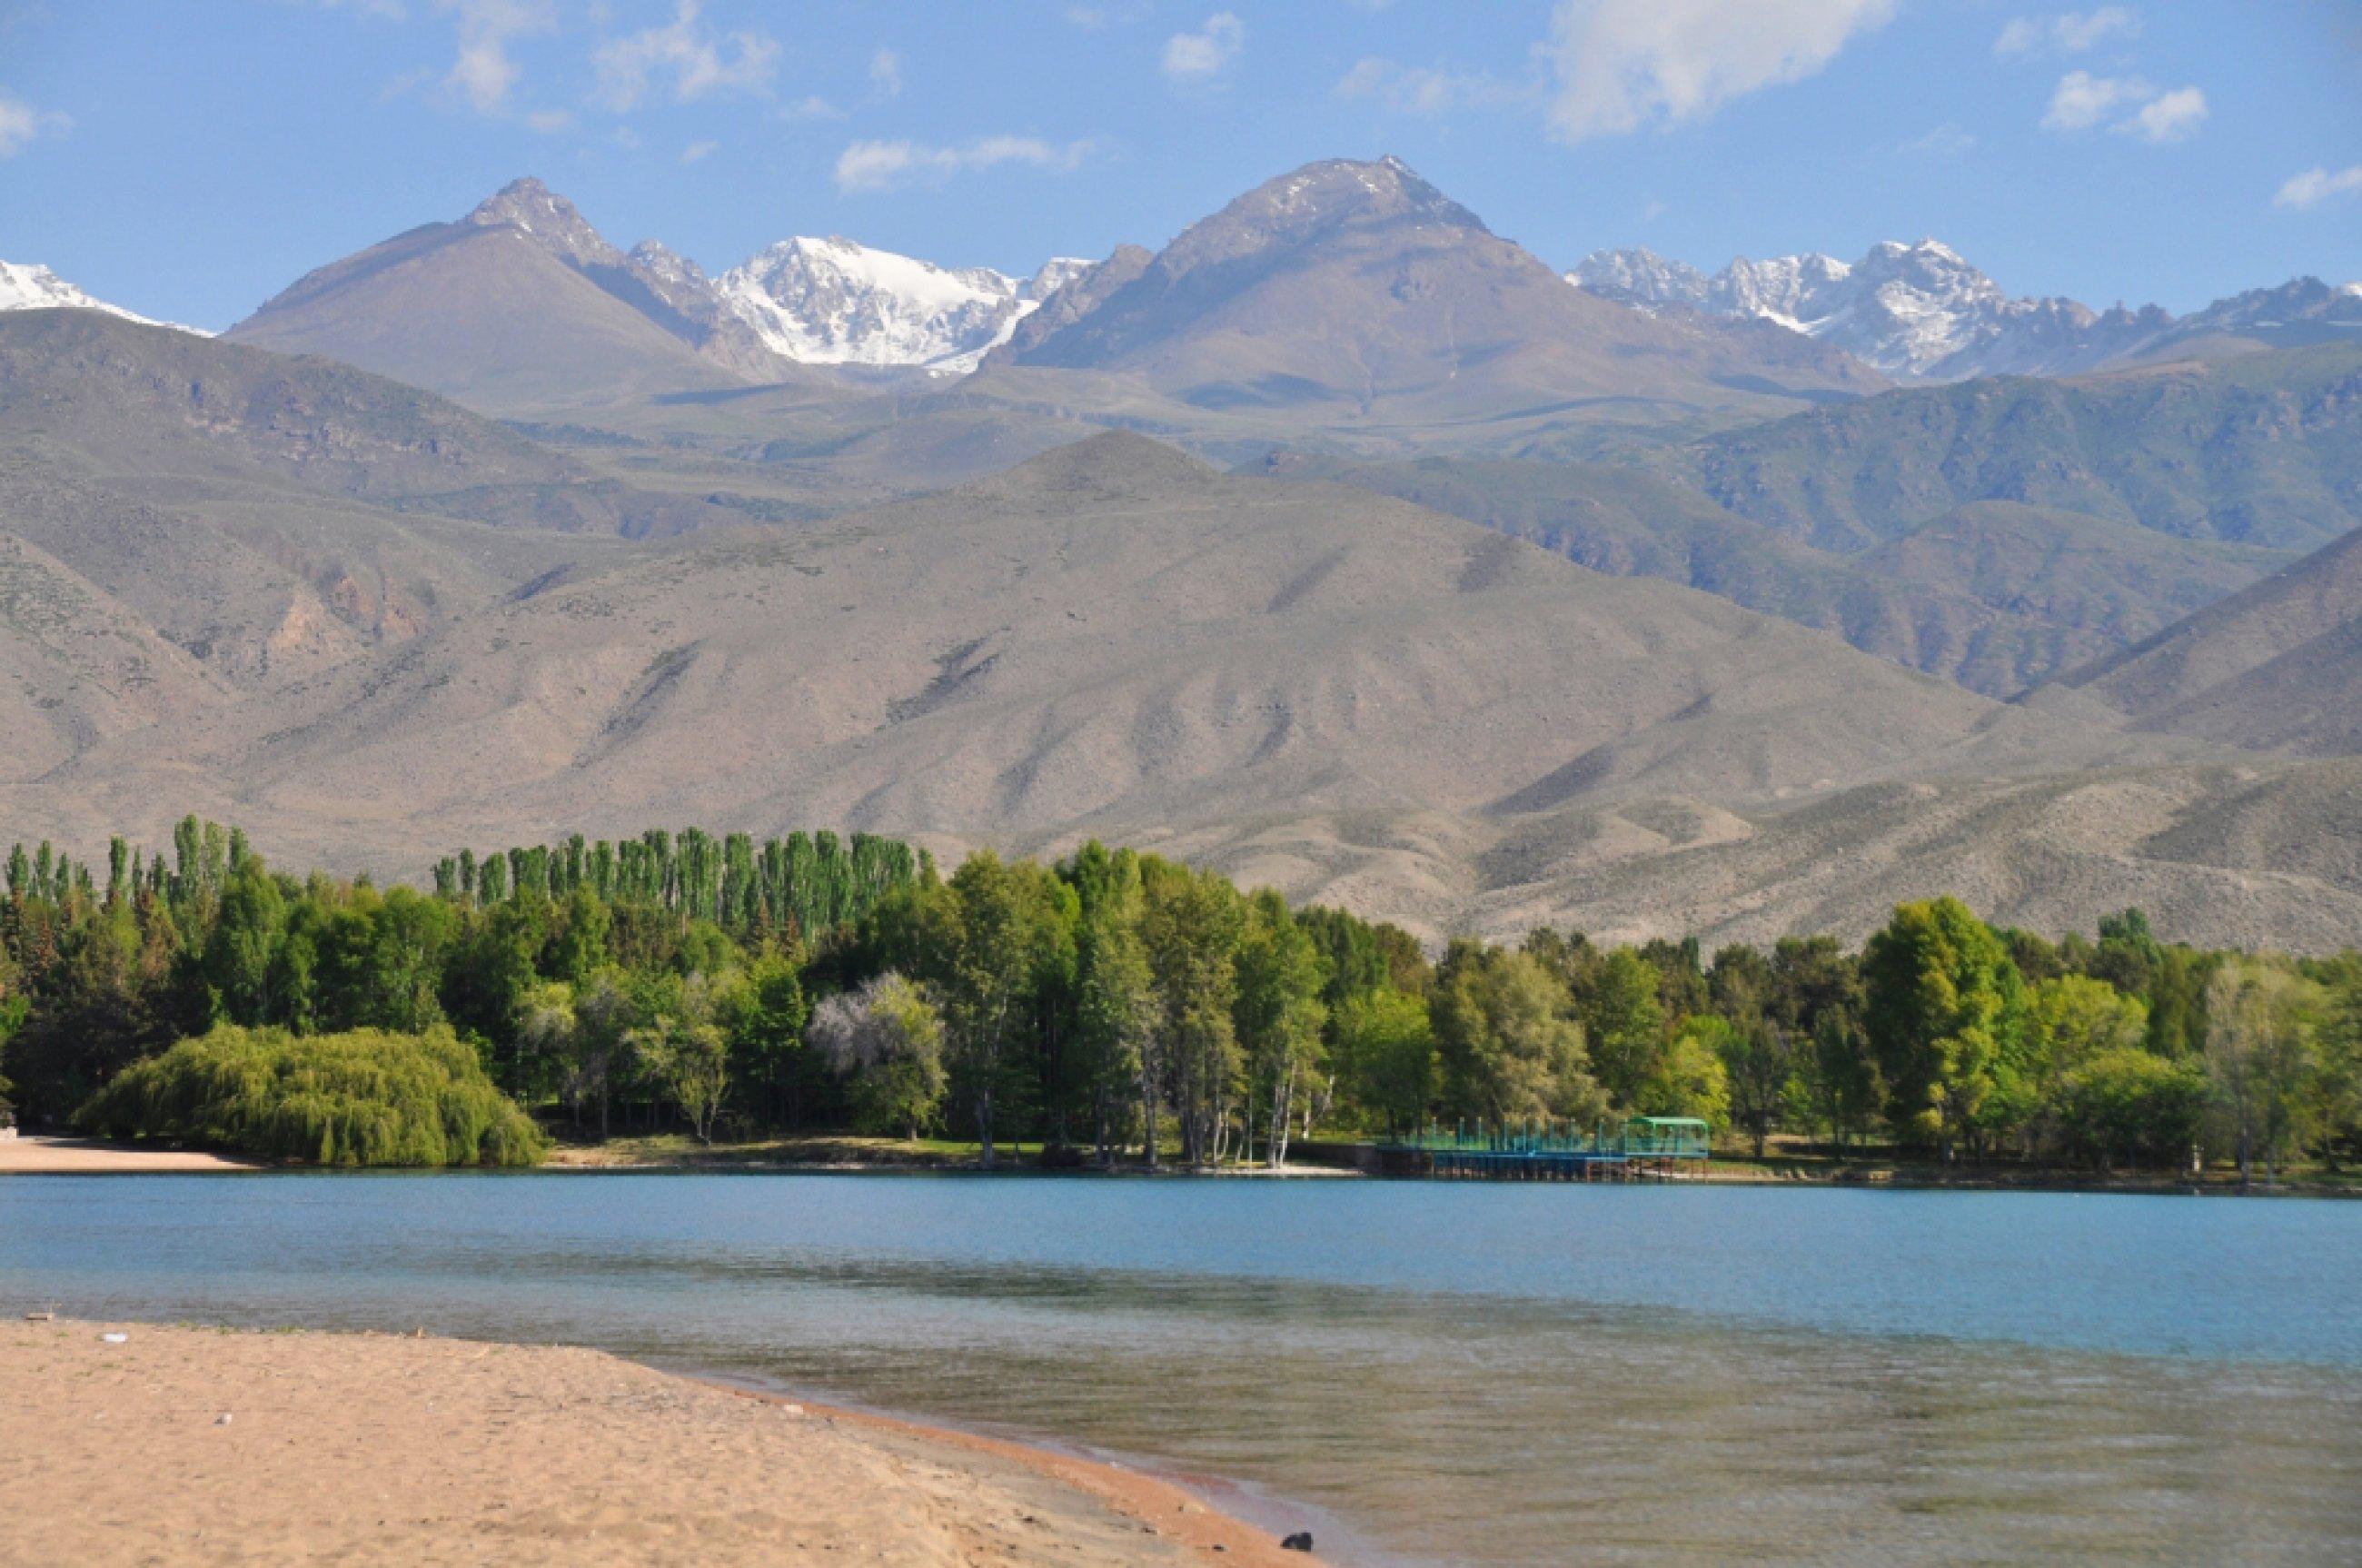 https://bubo.sk/uploads/galleries/7500/kirgizstan-04.jpg